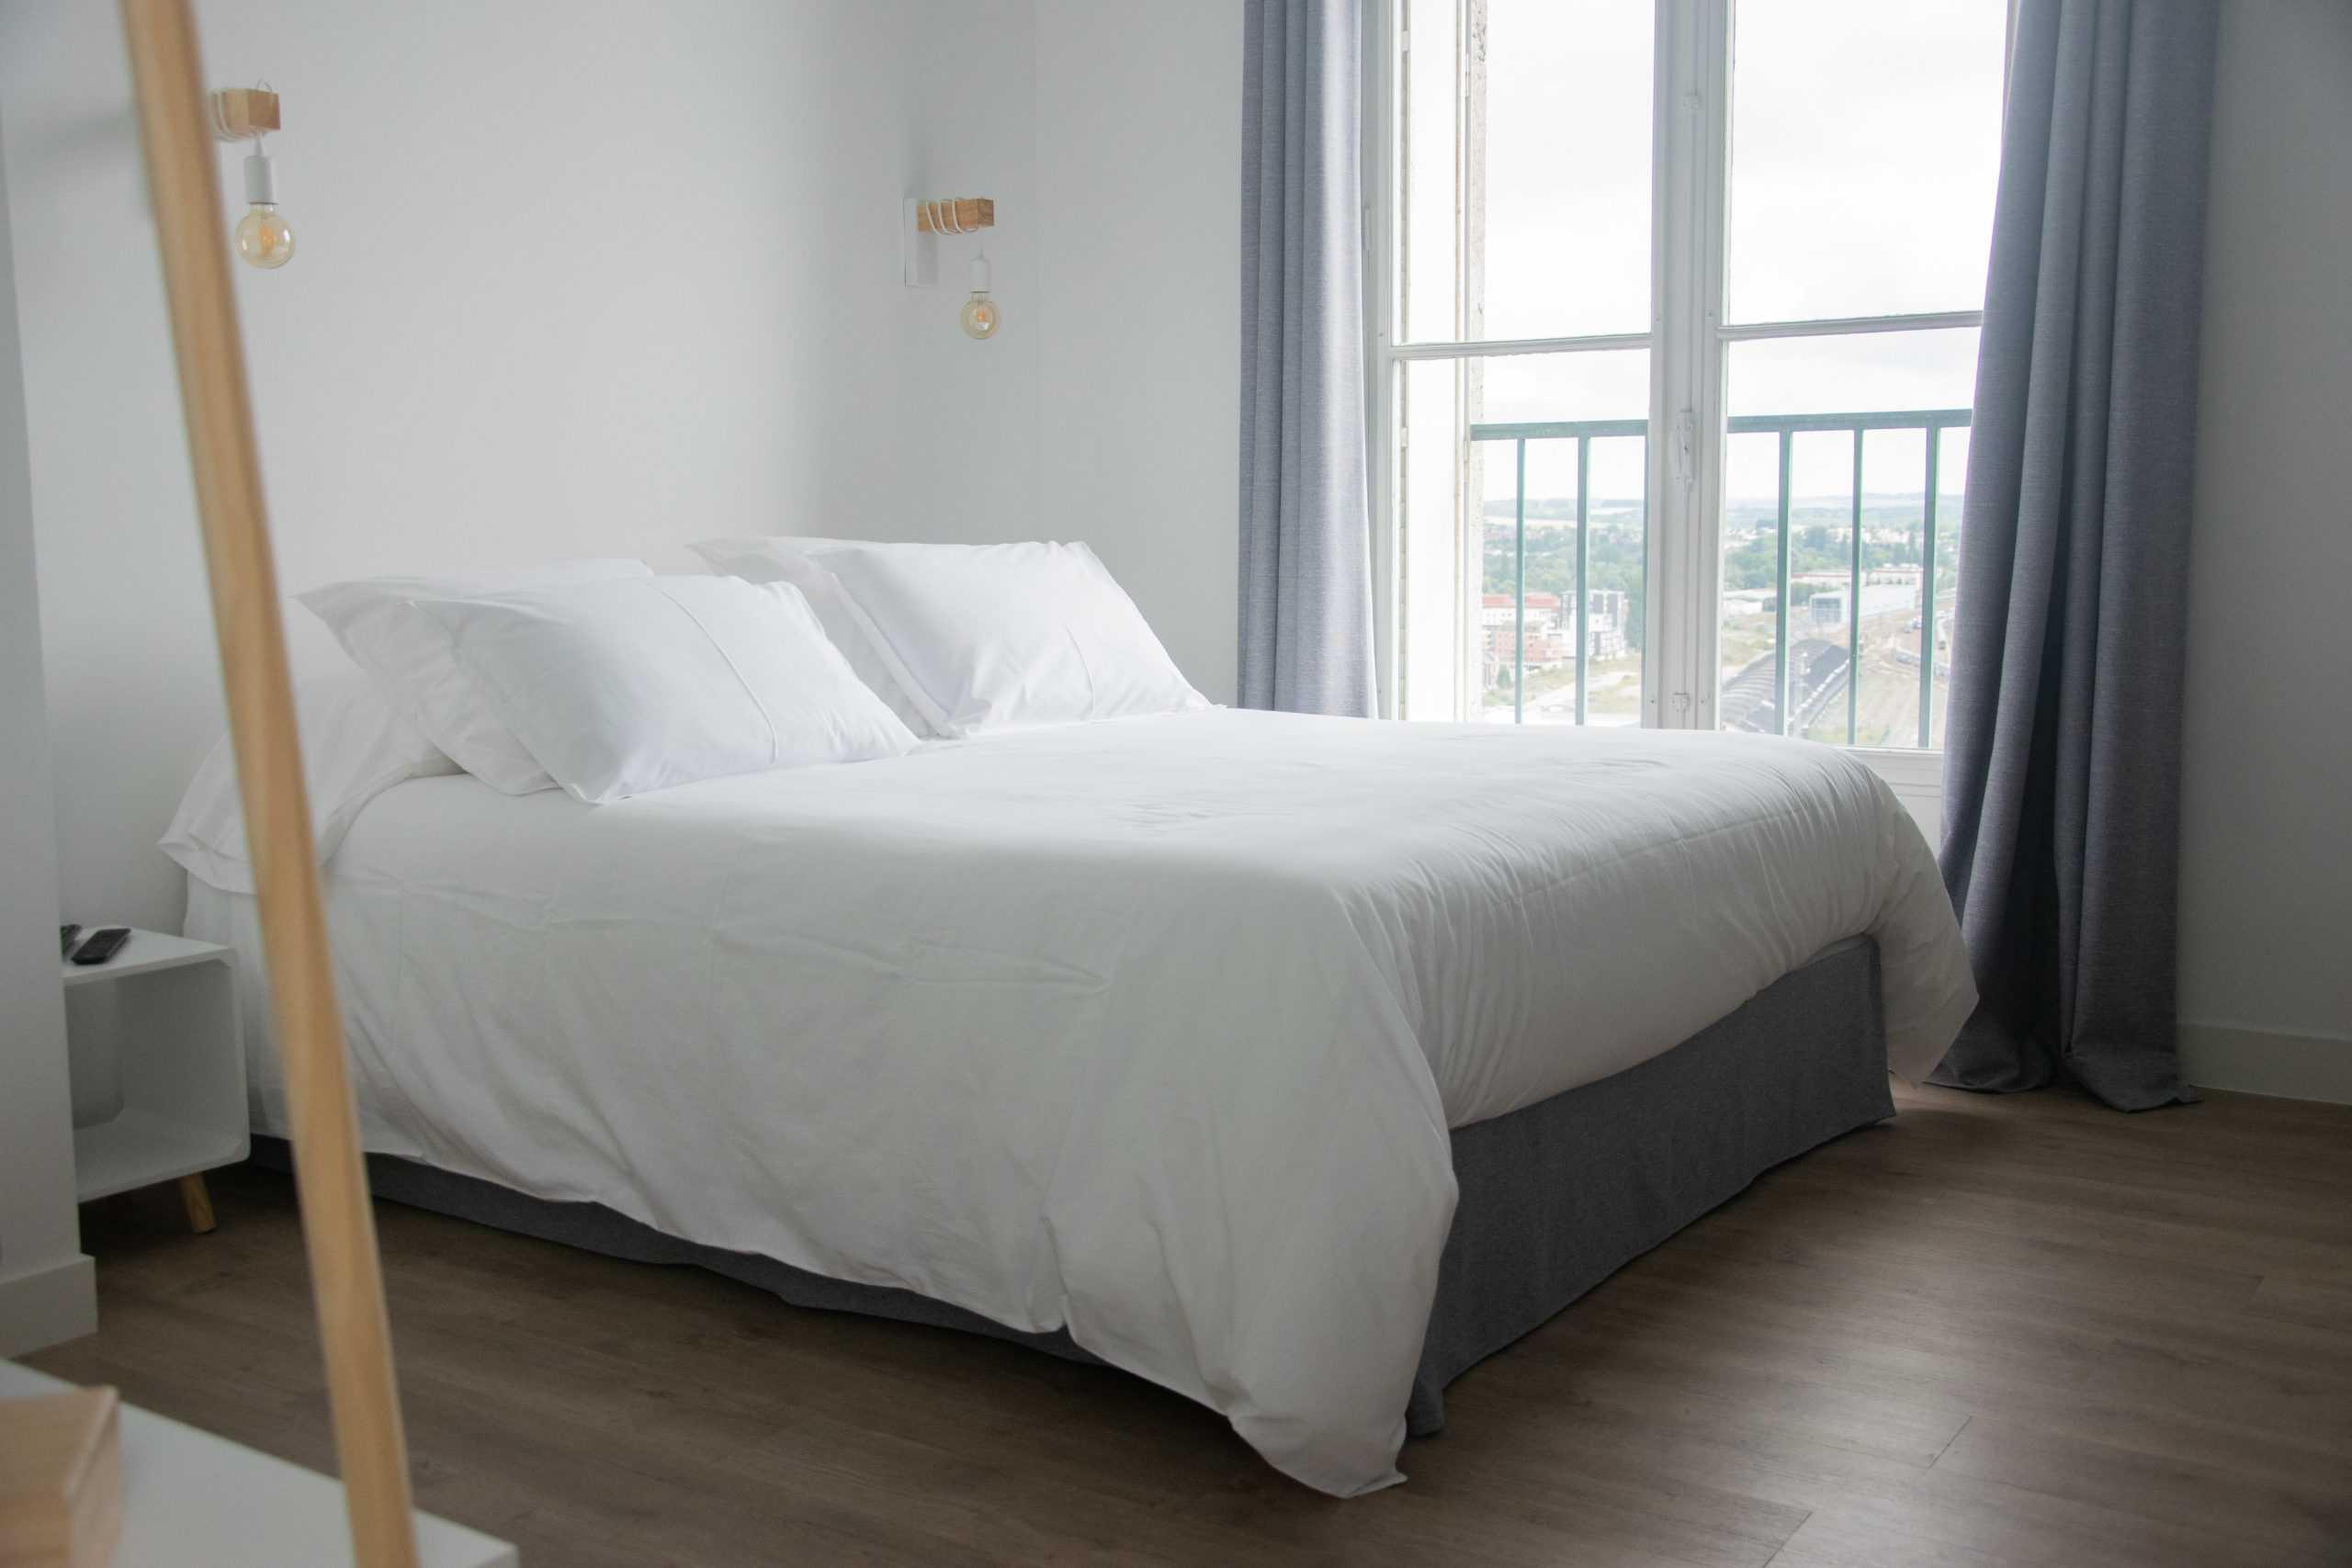 appartement_15eme_droite_tour_perret_amiens_tourisme_lit_chambre_scandinave